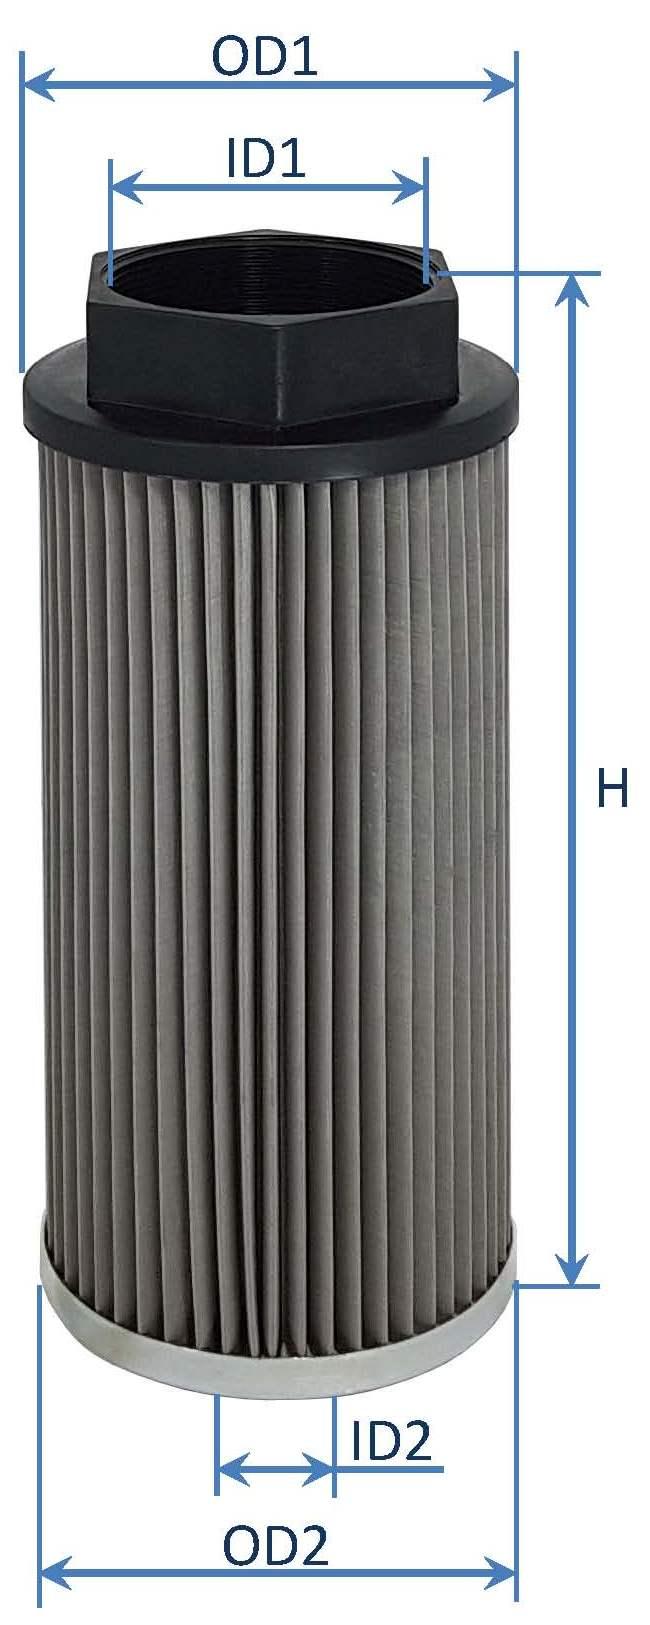 فیلتر روغن هیدرولیک هاروستر